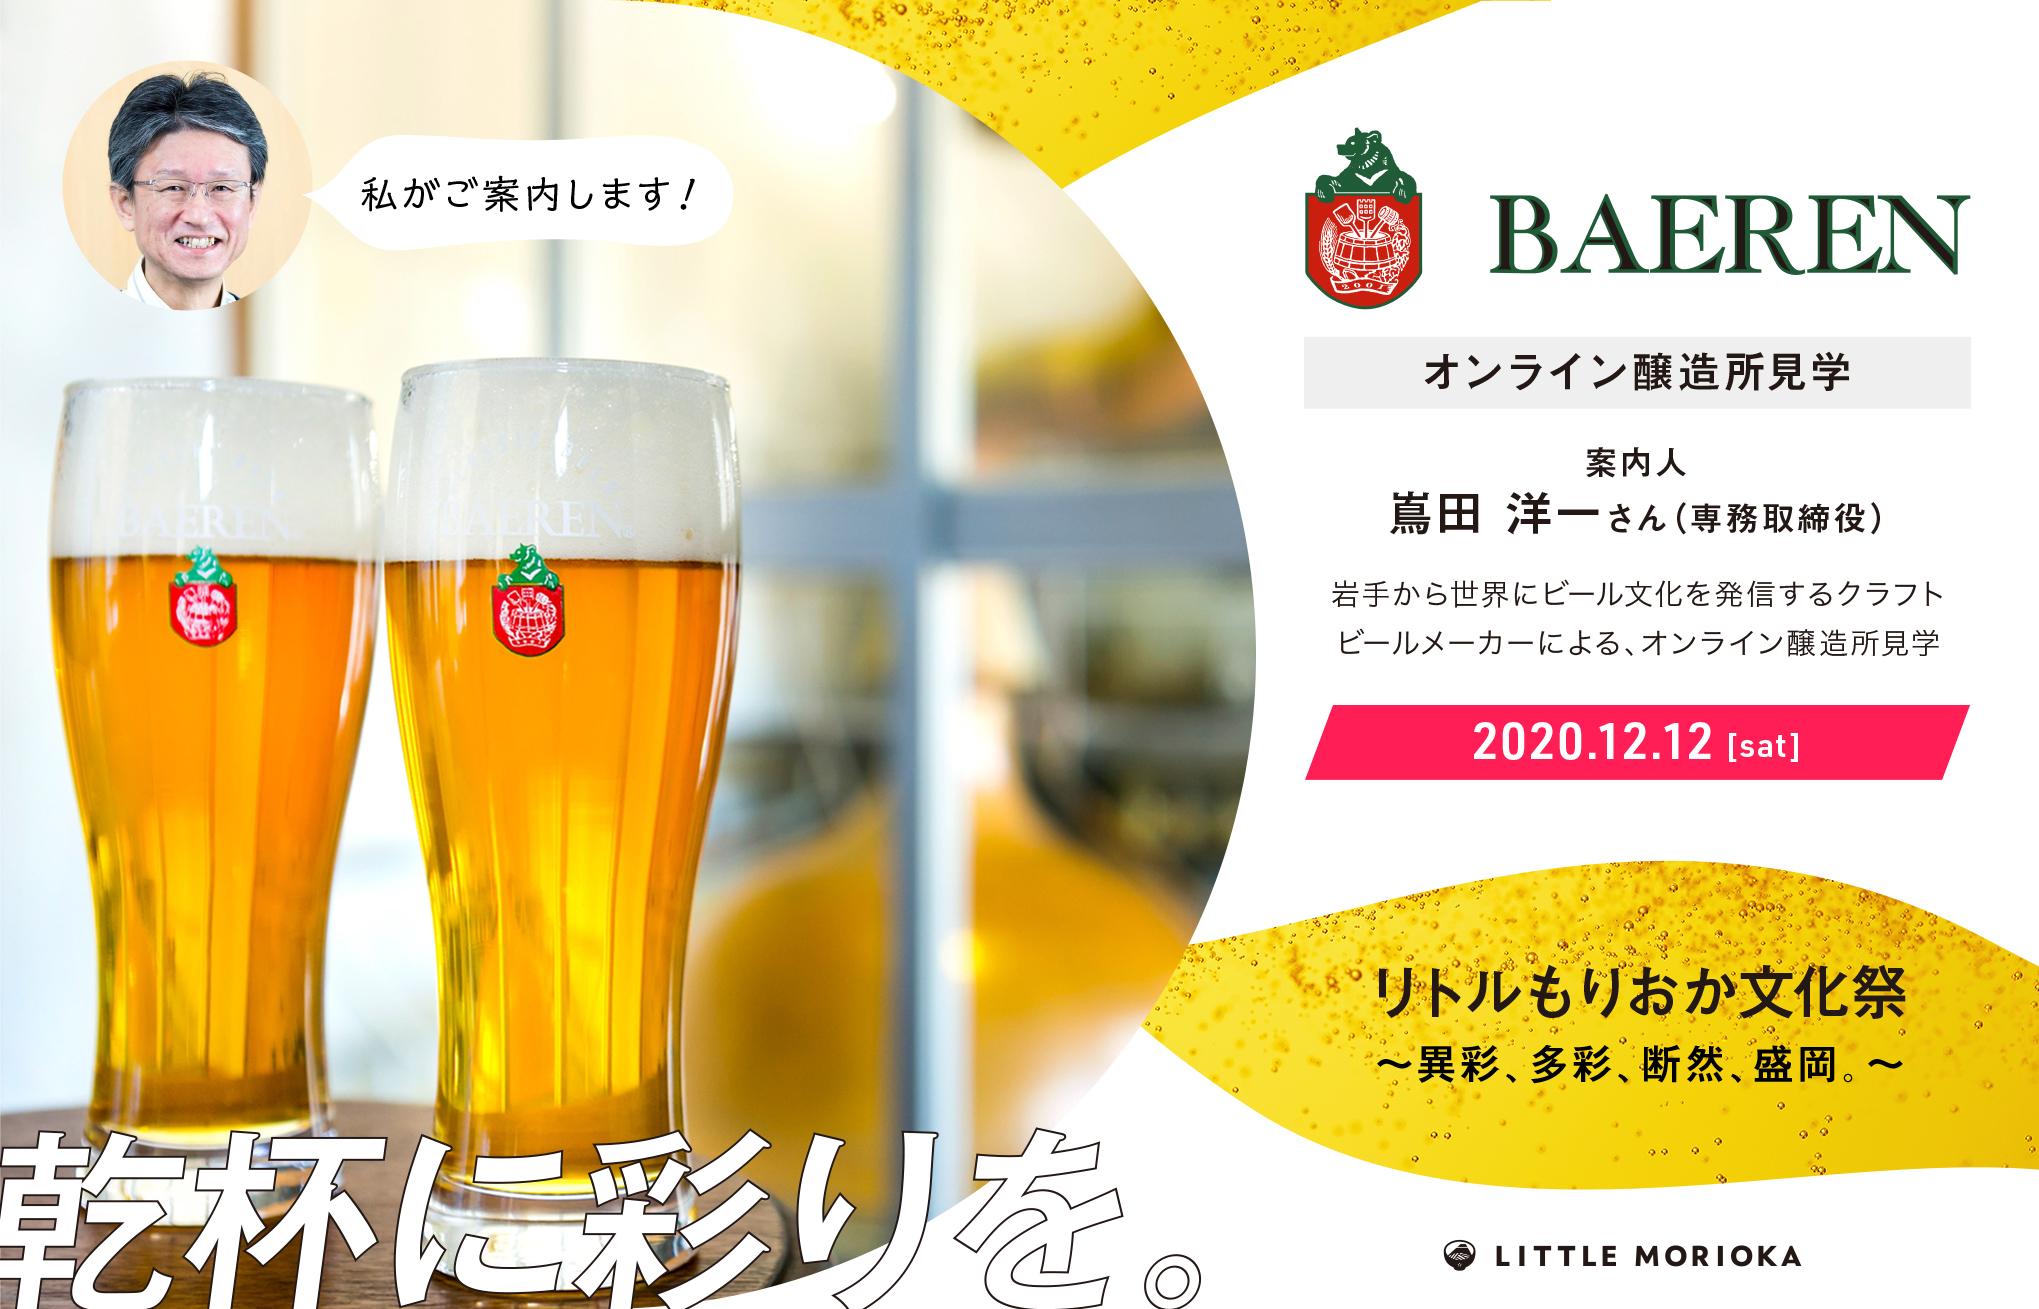 【リトルもりおか文化祭ゲストインタビュー・1】盛岡の食卓に多様なビールの選択肢を ベアレン醸造所・嶌田洋一さん